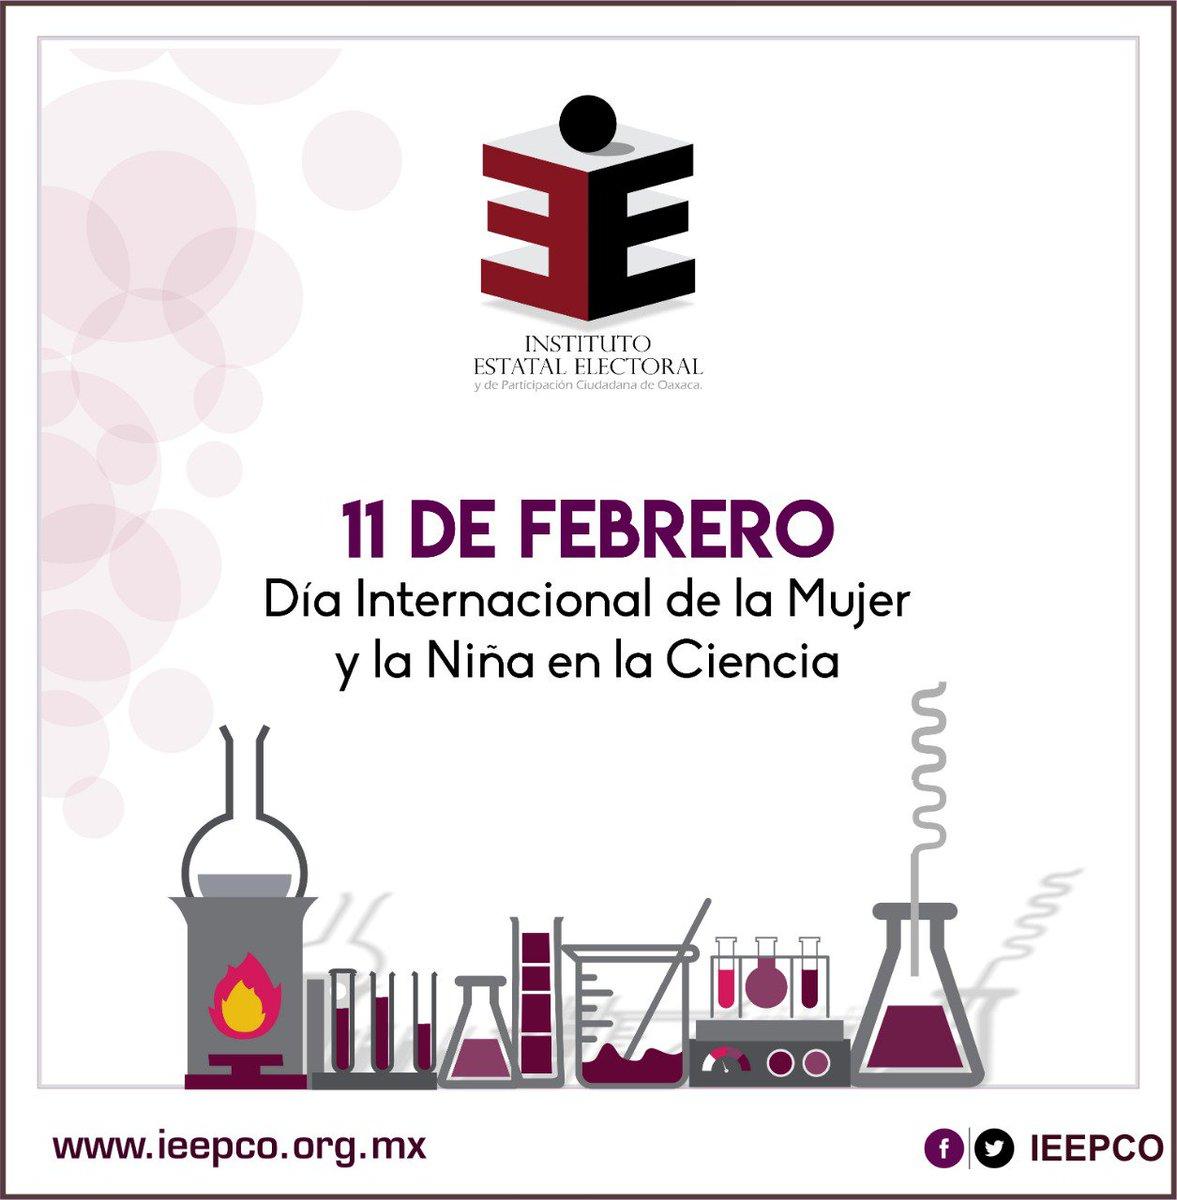 IEEPCO's photo on Menos del 30%